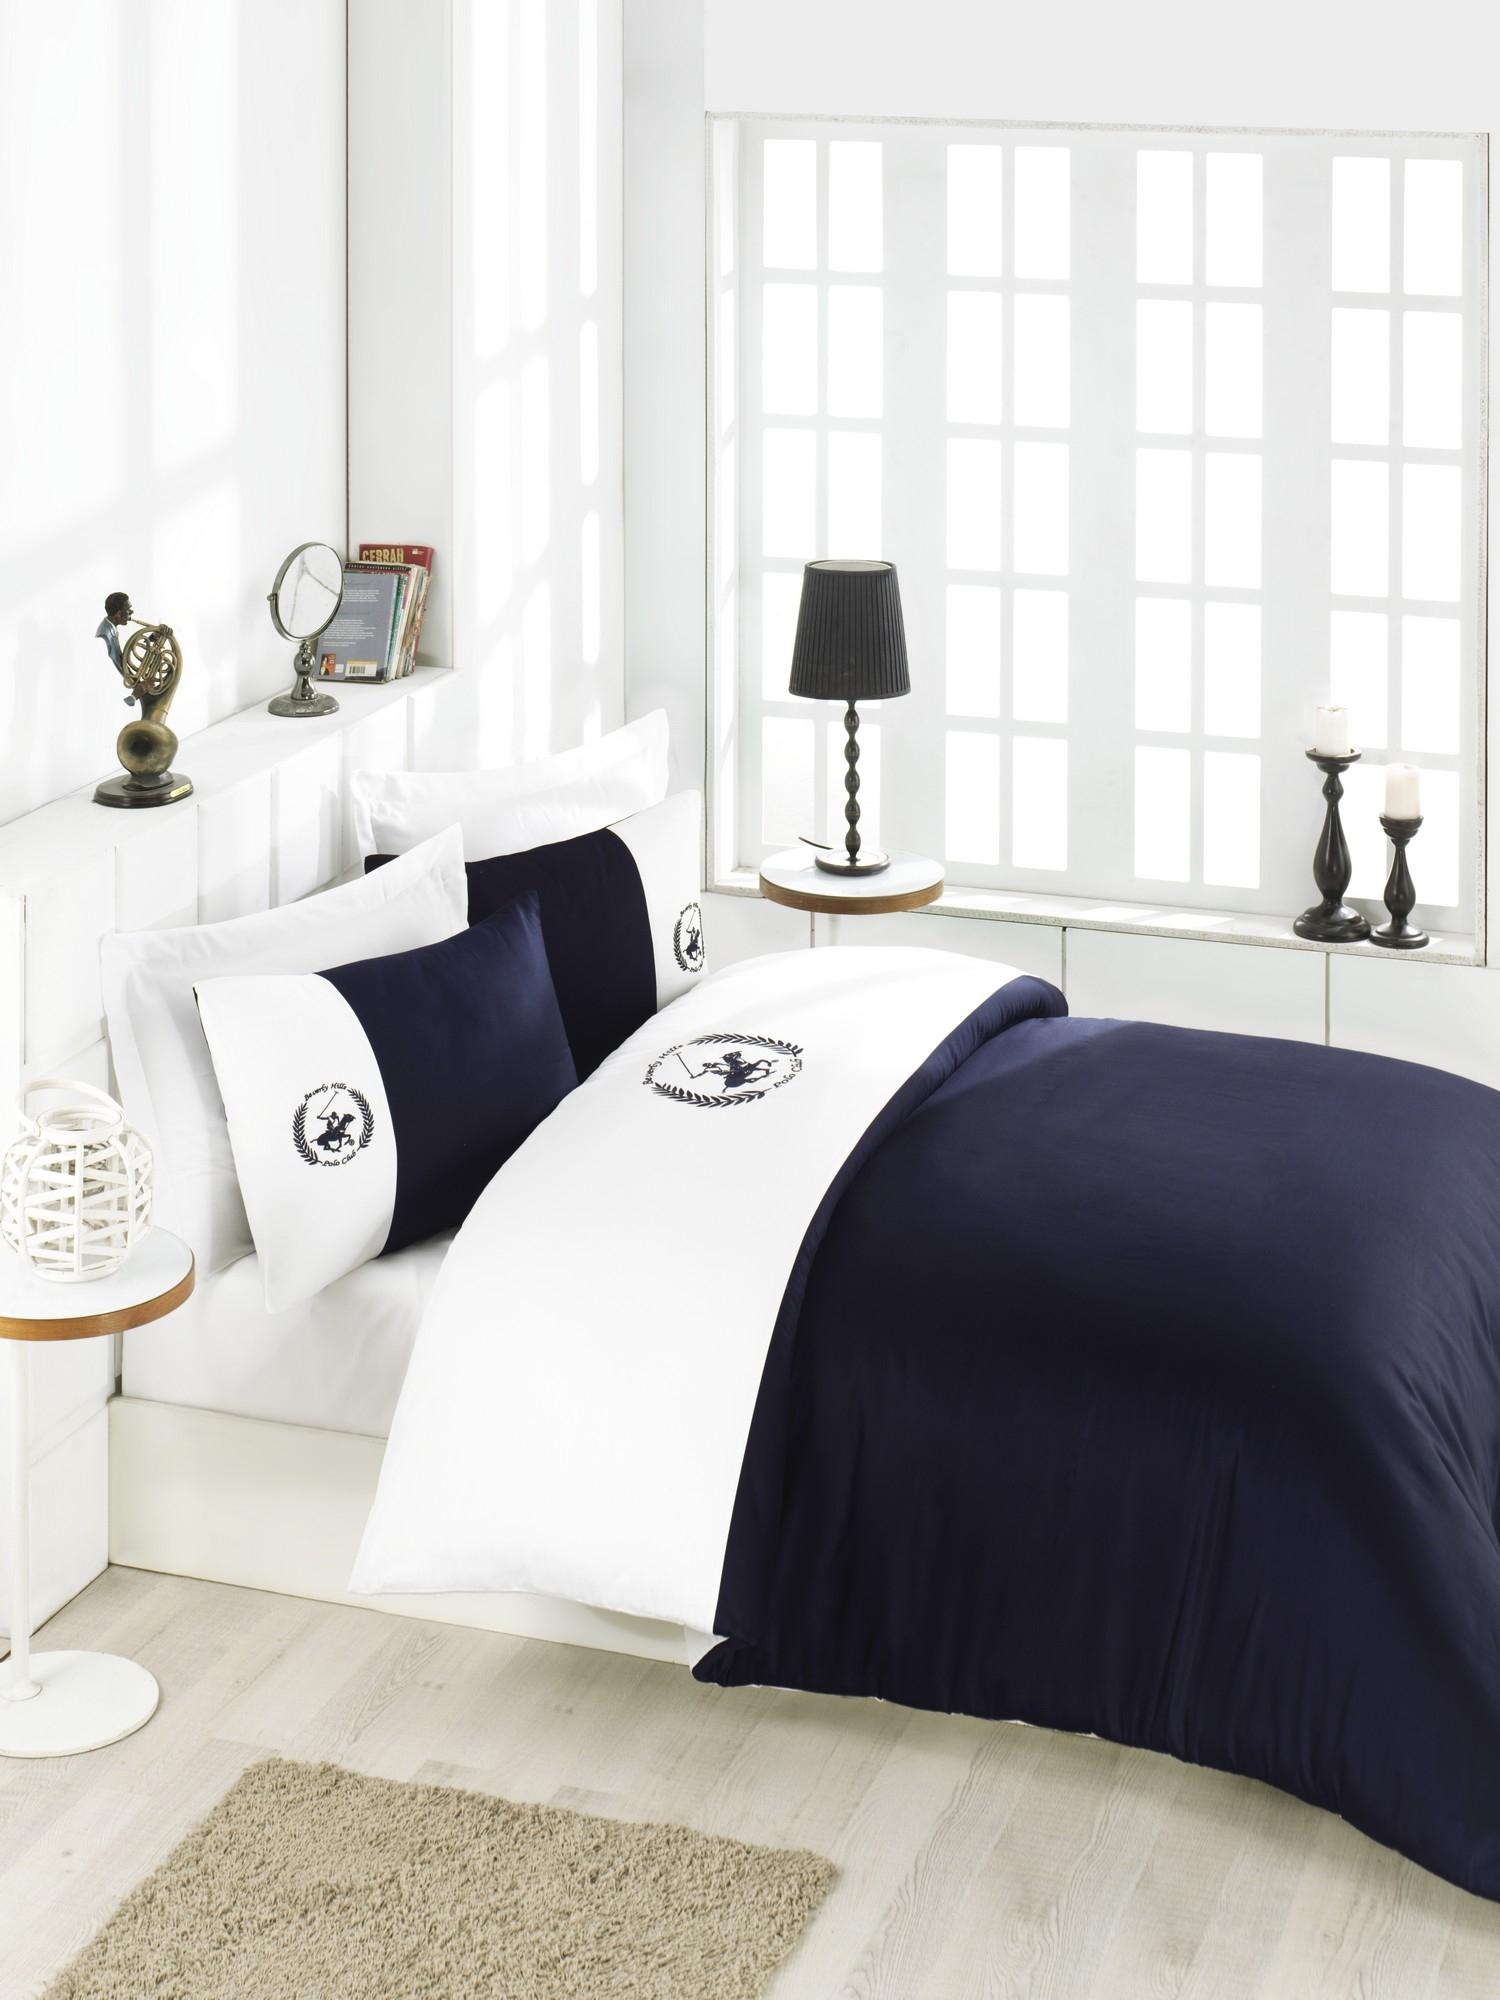 Lenjerie de pat din bumbac Satinat BHPC 106 Bleumarin / Alb, 200 x 220 cm imagine